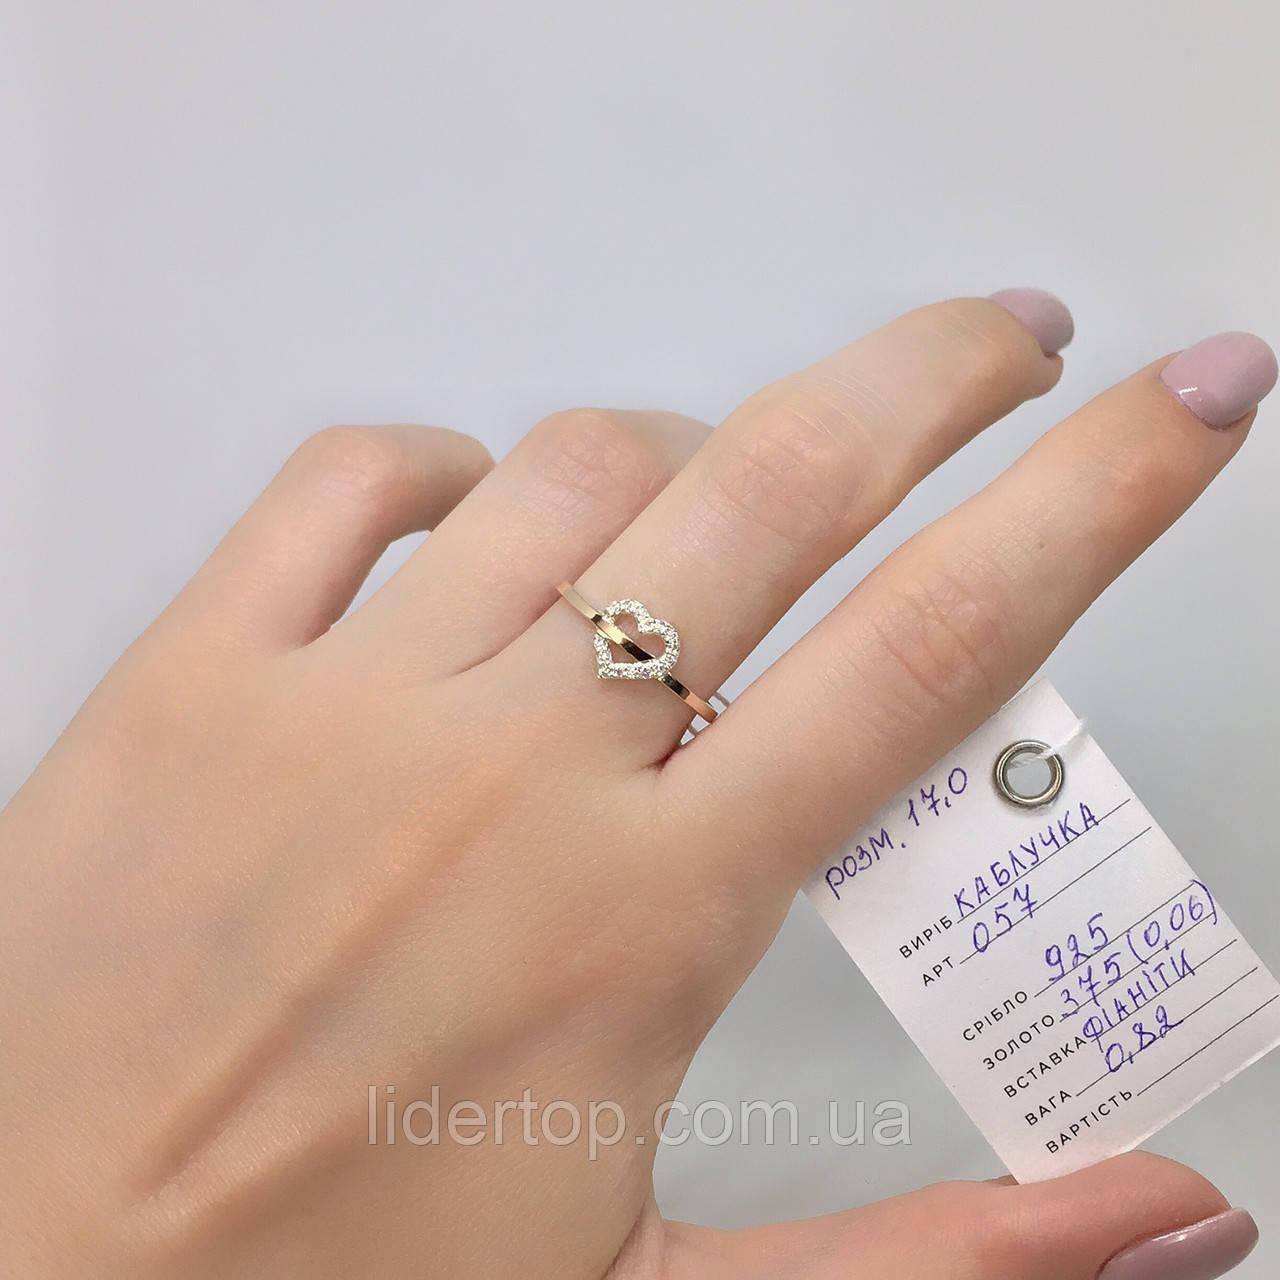 Кольцо Сердце Серебро 925 пробы с фианитами + пластины Золота 375 пробы Размеры 14-21